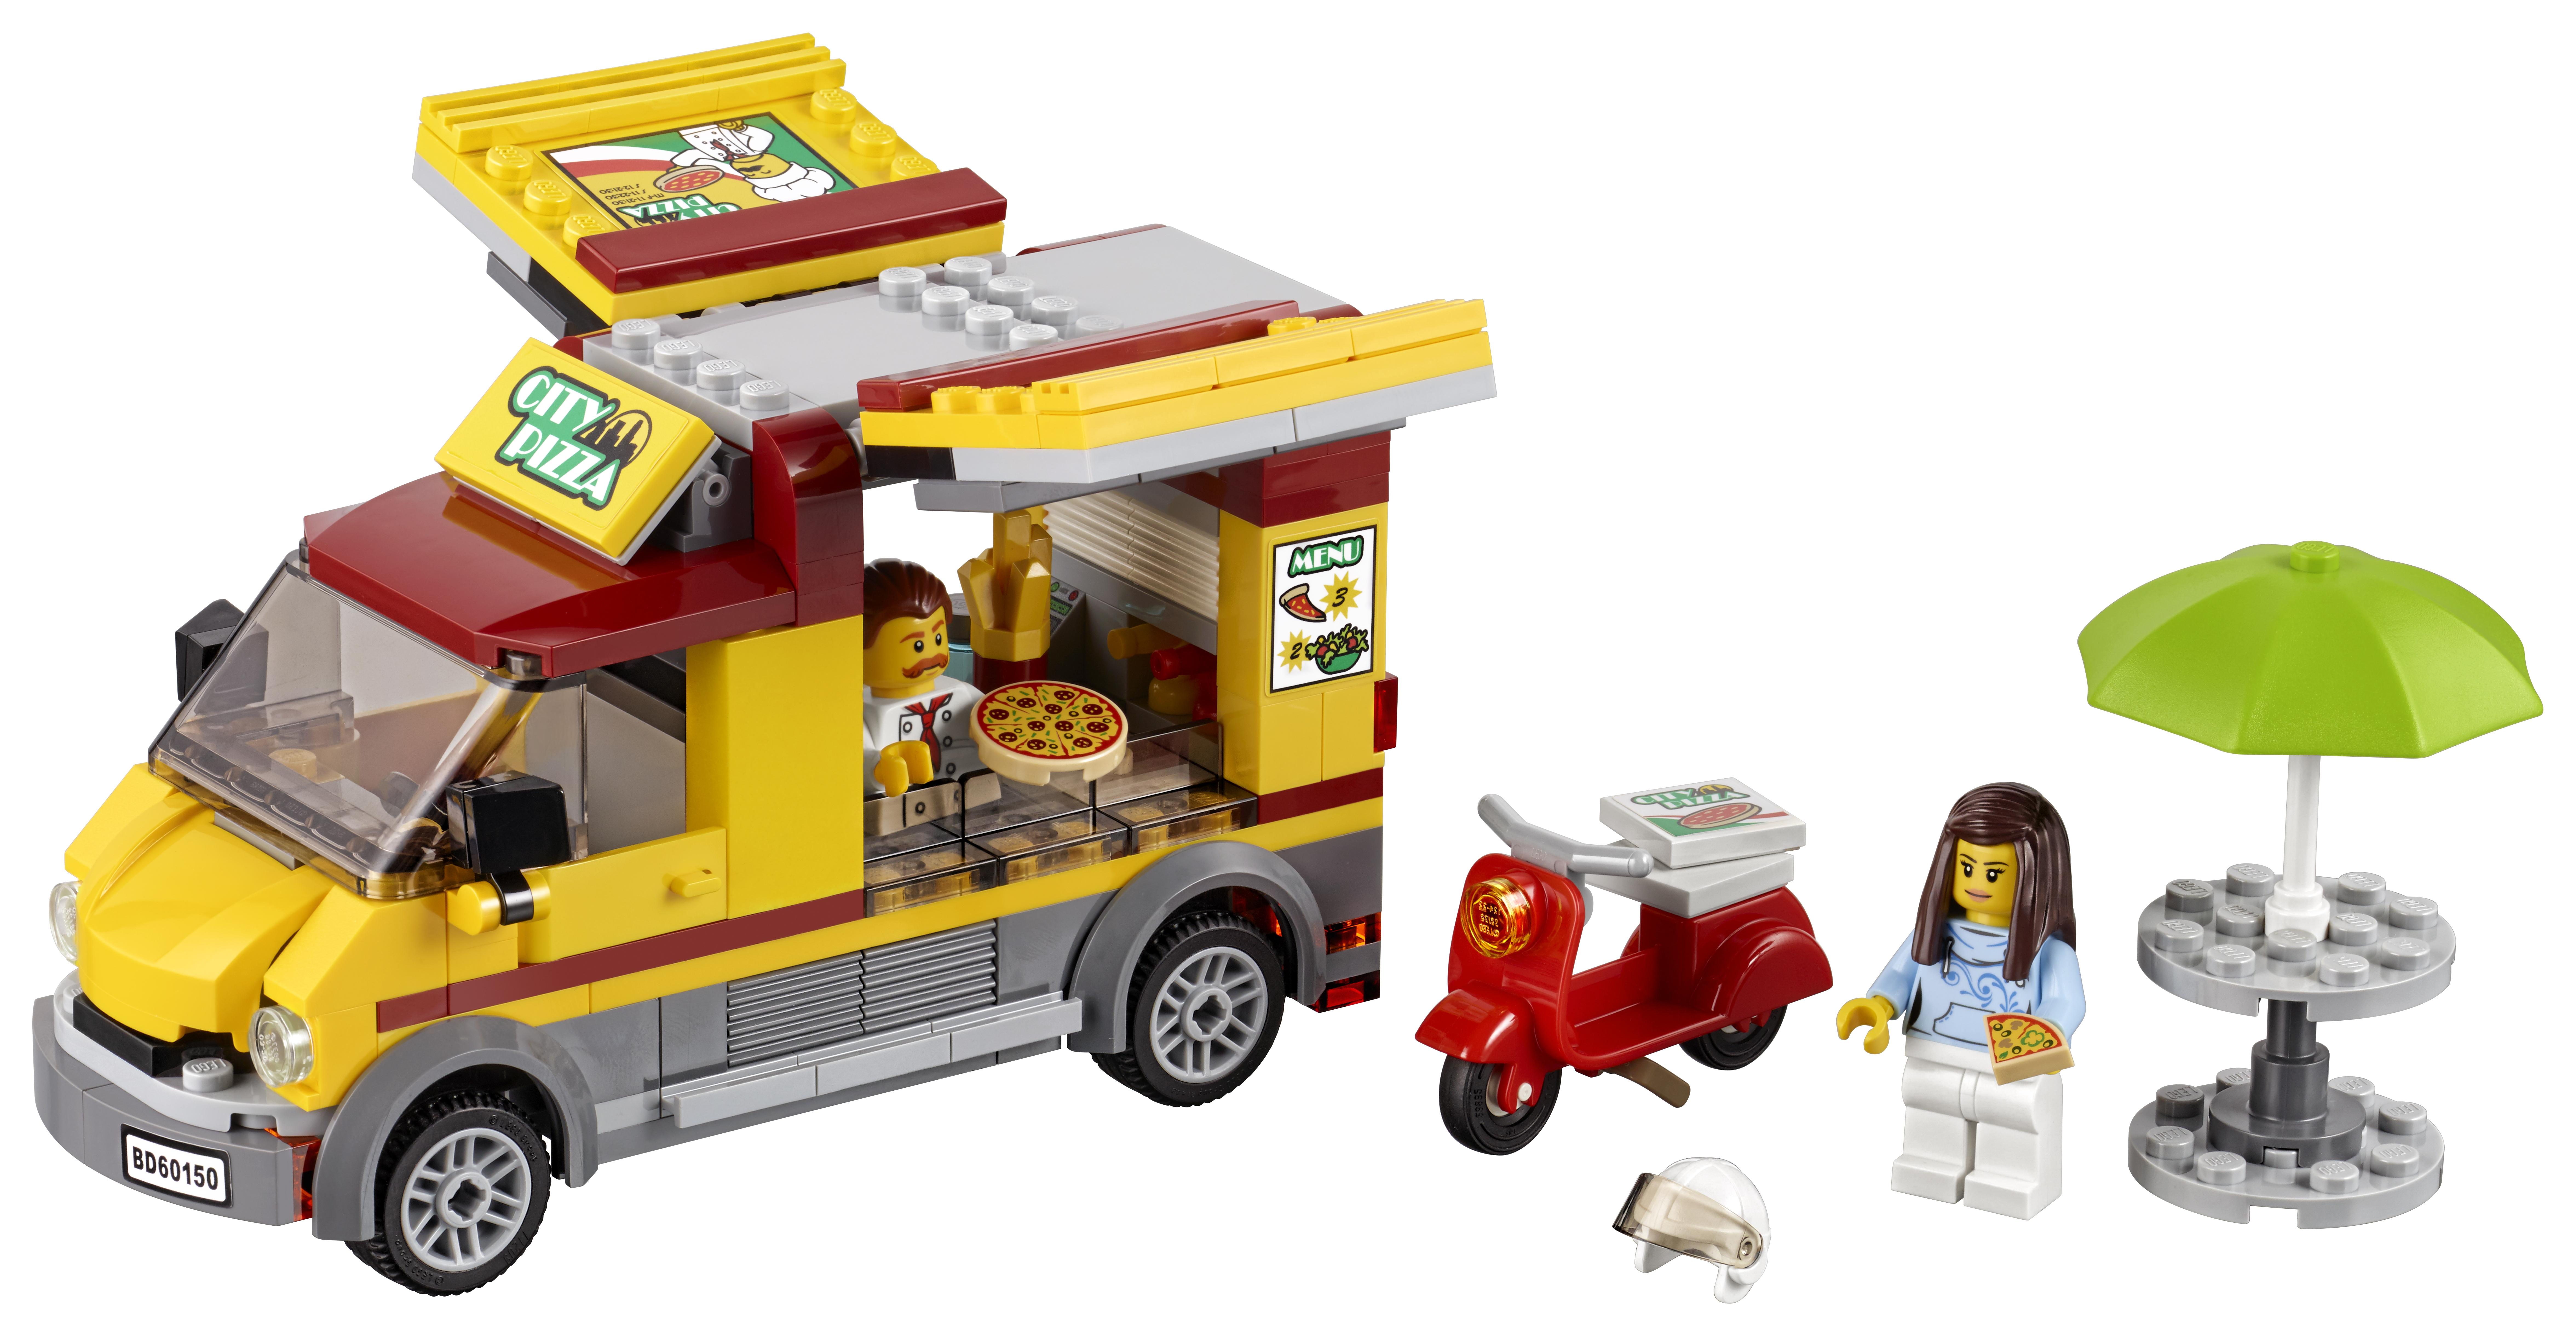 Конструктор LEGO City 60150 Фургон-пиццерия конструктор bela urban фургон пиццерия 261 дет 10648